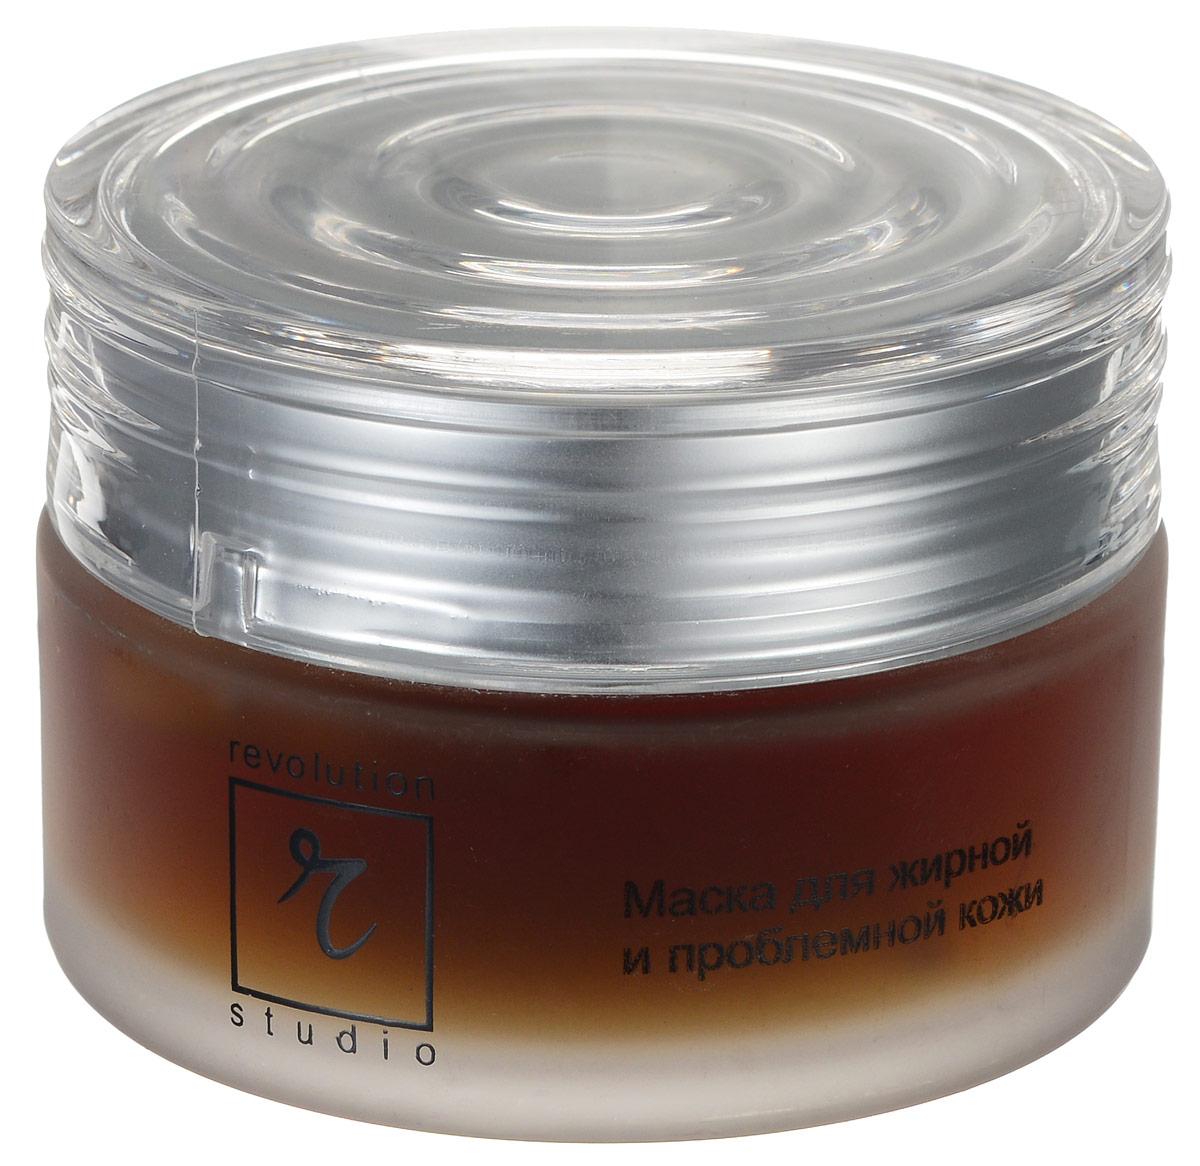 R-Studio Гель-маска для жирной и проблемной кожи лица 50 млFS-00897Гель-маска для жирной и проблемной кожи обладает:мощным противовоспалительным эффектом;выраженным увлажняющим действием;эффективным противоотечным действием;выраженным антиаллергическим эффектом;выраженным регенерирующим и гормоностабилизирующим действием;восстанавливает работу сальных желез;устраняет угревые высыпания и препятствует образованию новых.При регулярном применении сглаживает вирусные проявления и пигментные пятна на коже, а также предотвращает появление мелких морщин, делает кожу упругой и эластичной.